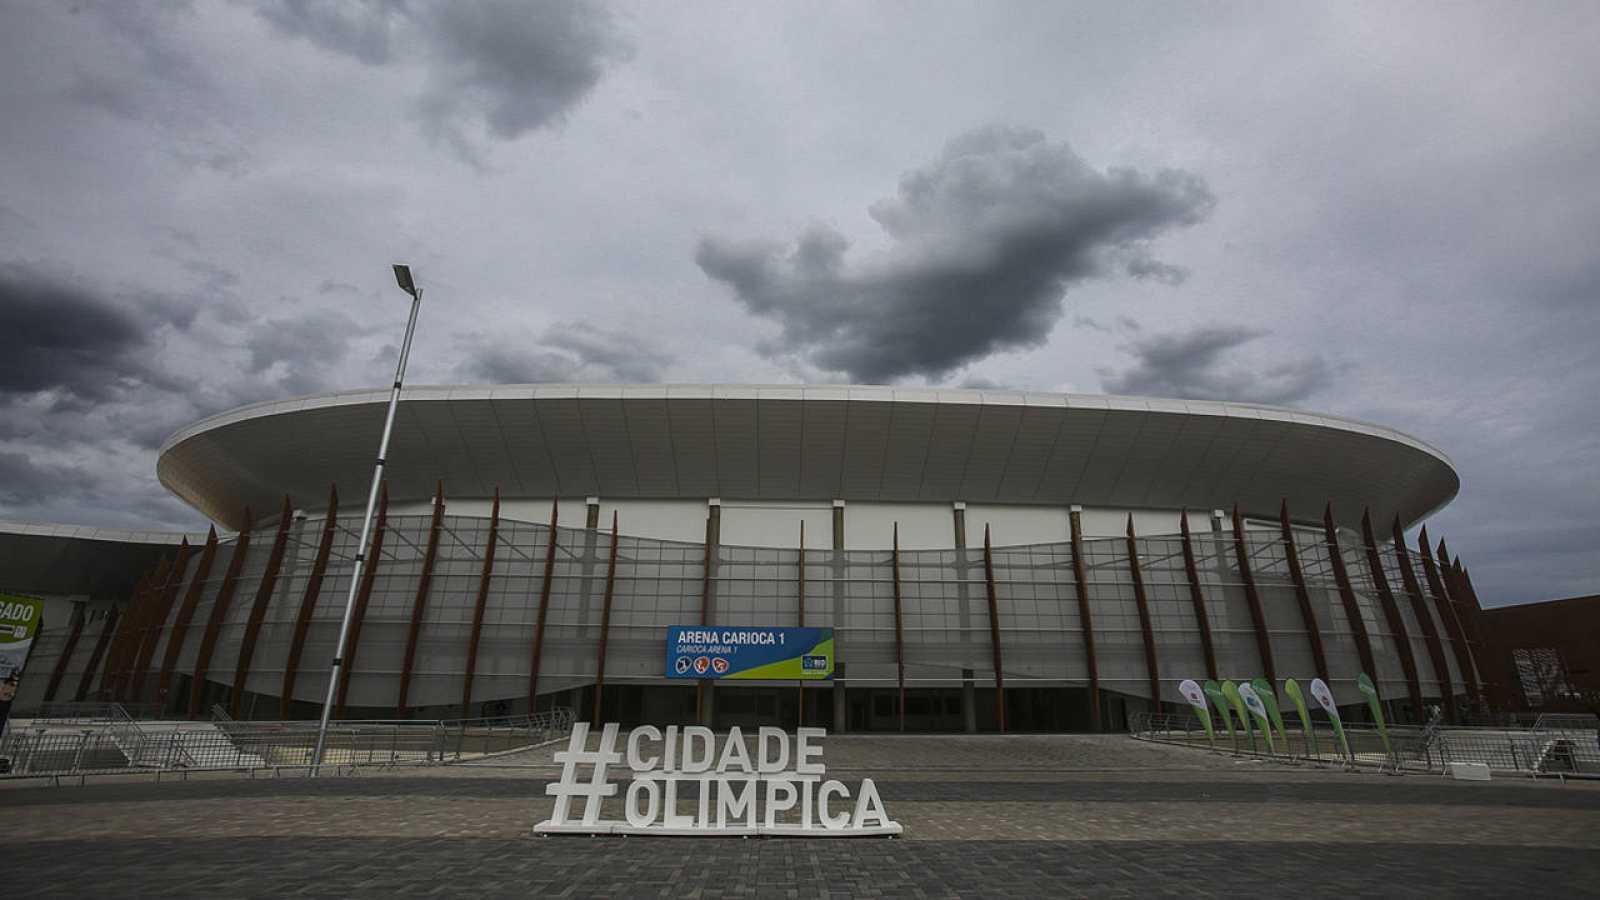 El Arena Carioca 1, instalación que acogerá las competiciones de baloncesto, baloncesto en silla de ruedas y rugby en silla de ruedas en los Juegos Olímpicos Río 2016